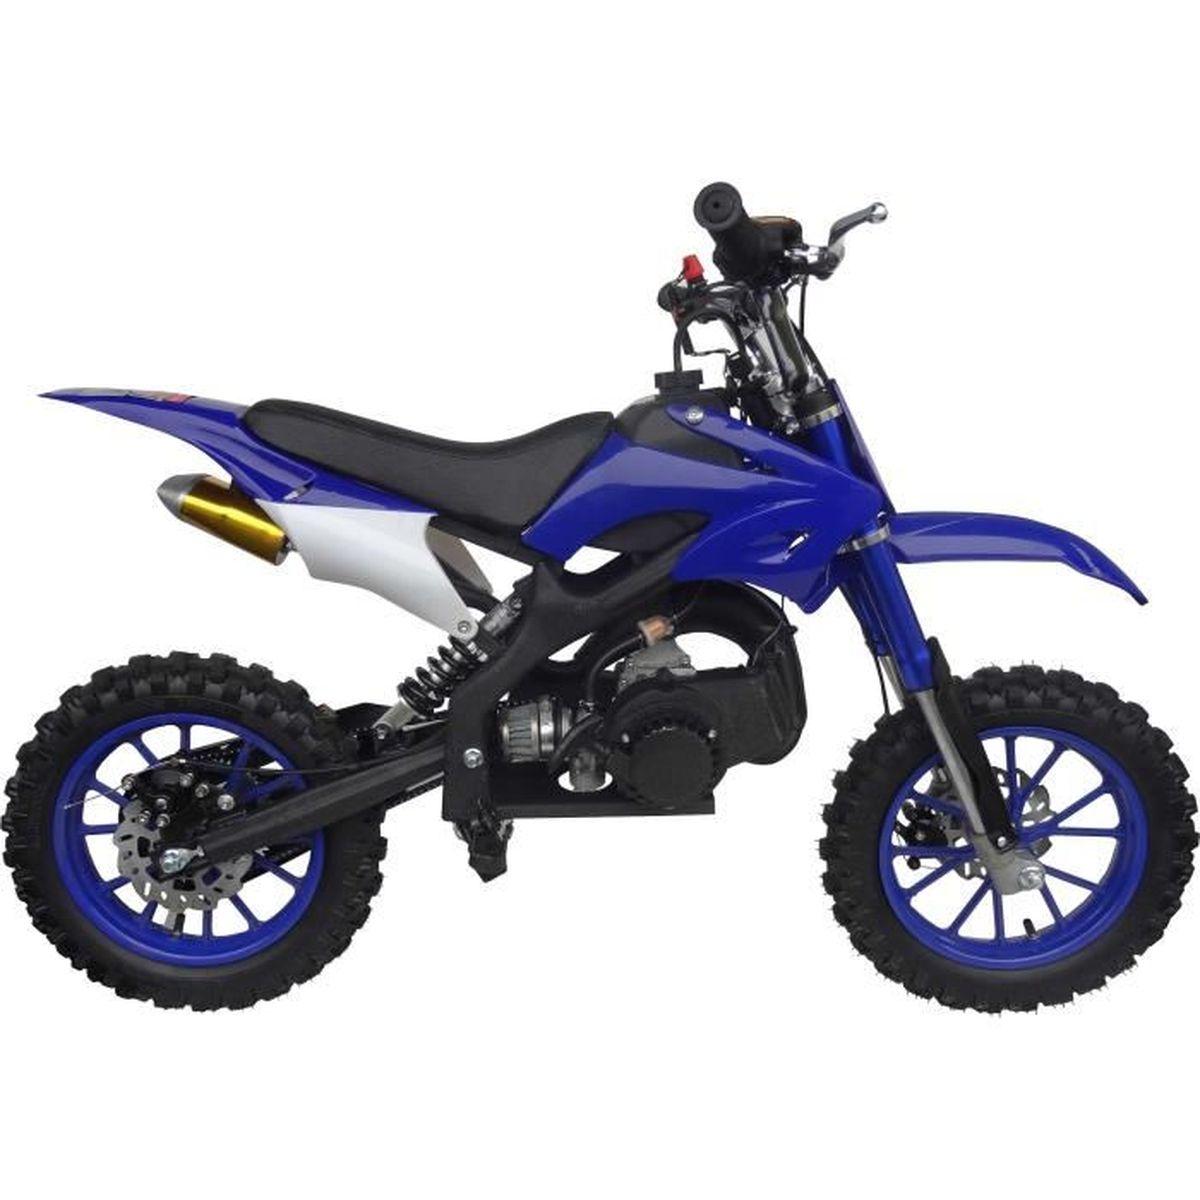 moto 49cc achat vente moto 49cc pas cher soldes d s. Black Bedroom Furniture Sets. Home Design Ideas